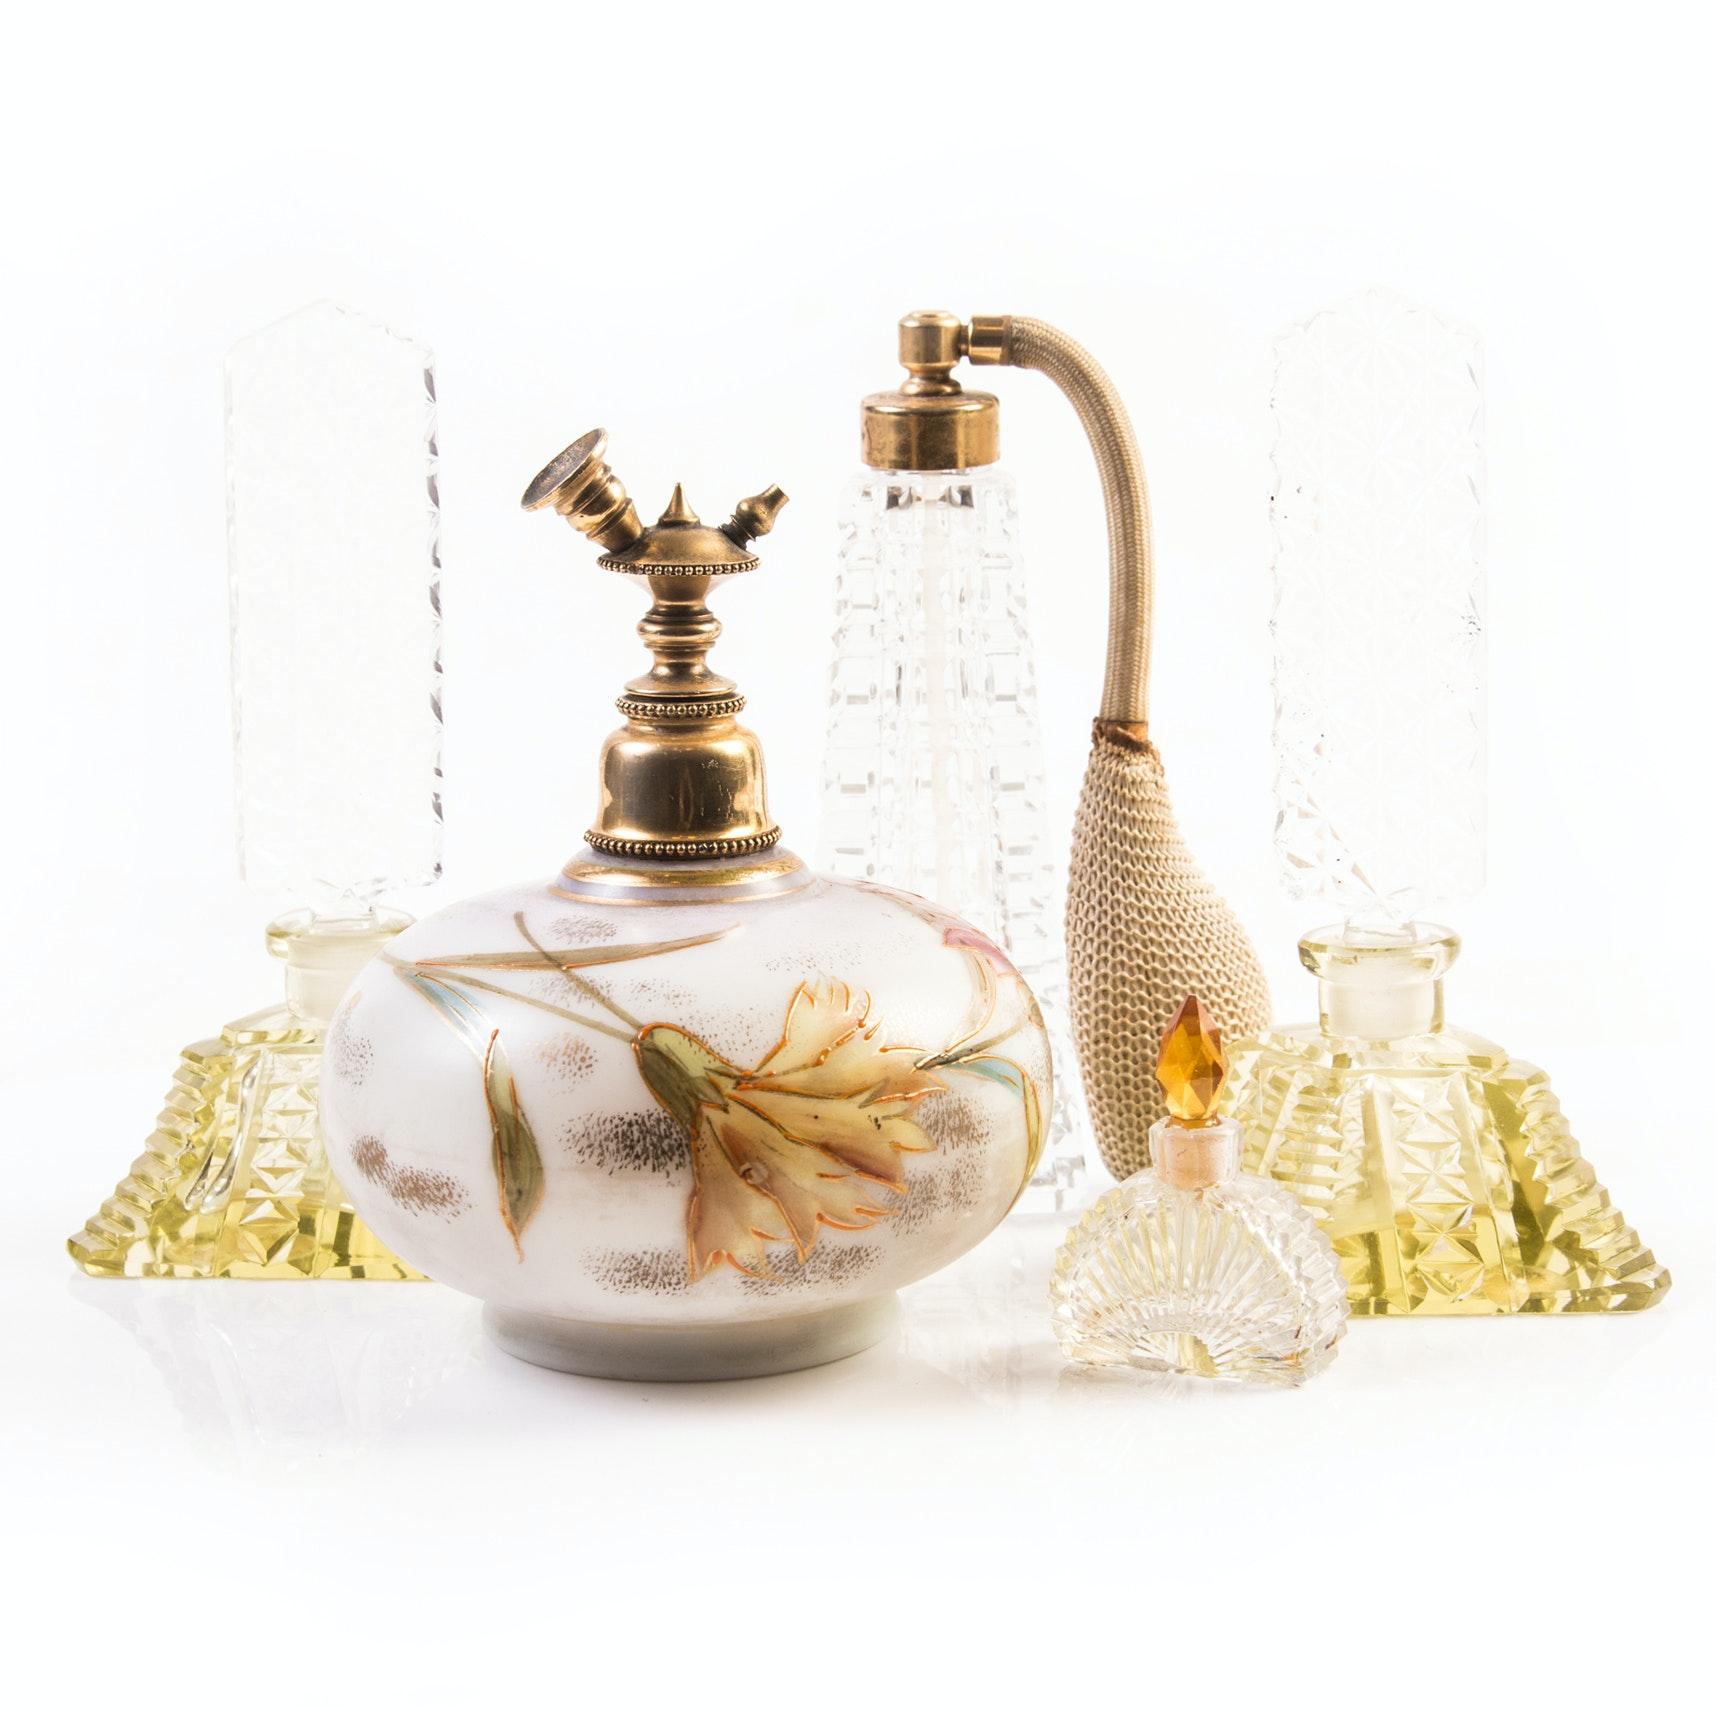 Vintage Perfume Bottles featuring Morlee Crystal